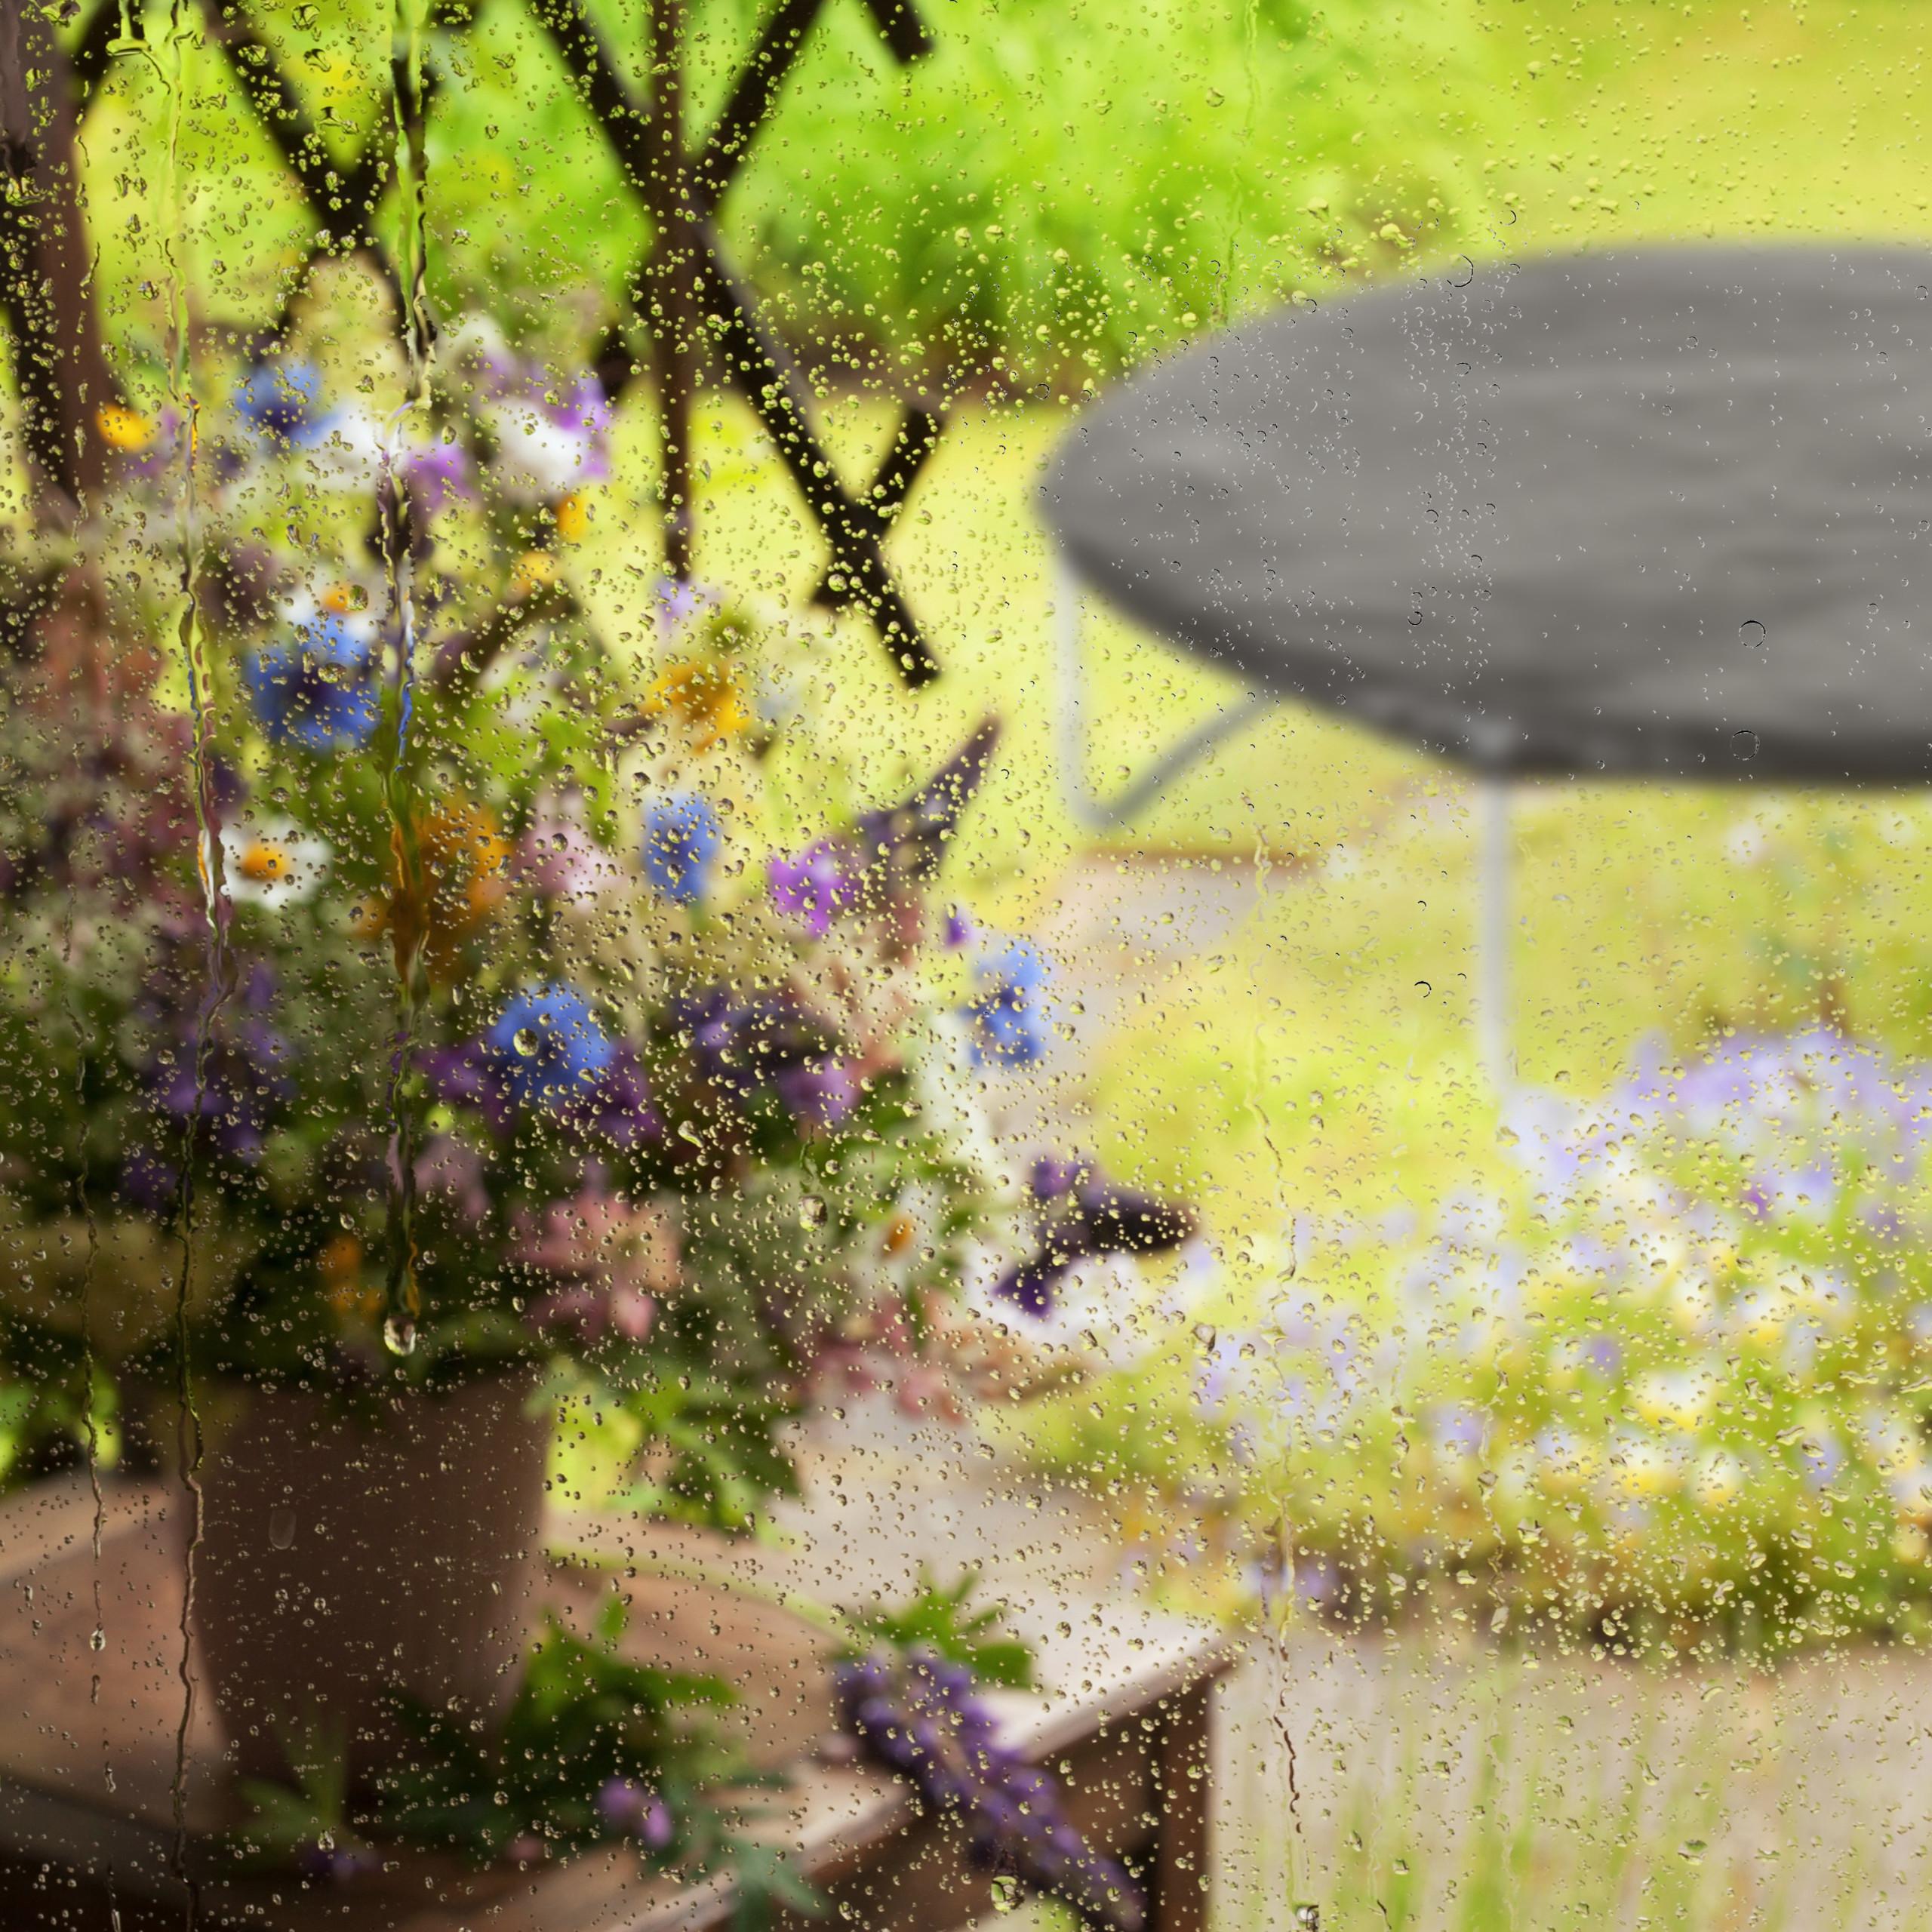 Housse-de-Protection-pour-Trampoline-Bache-pluie-vent-jardin-intemperies miniature 18